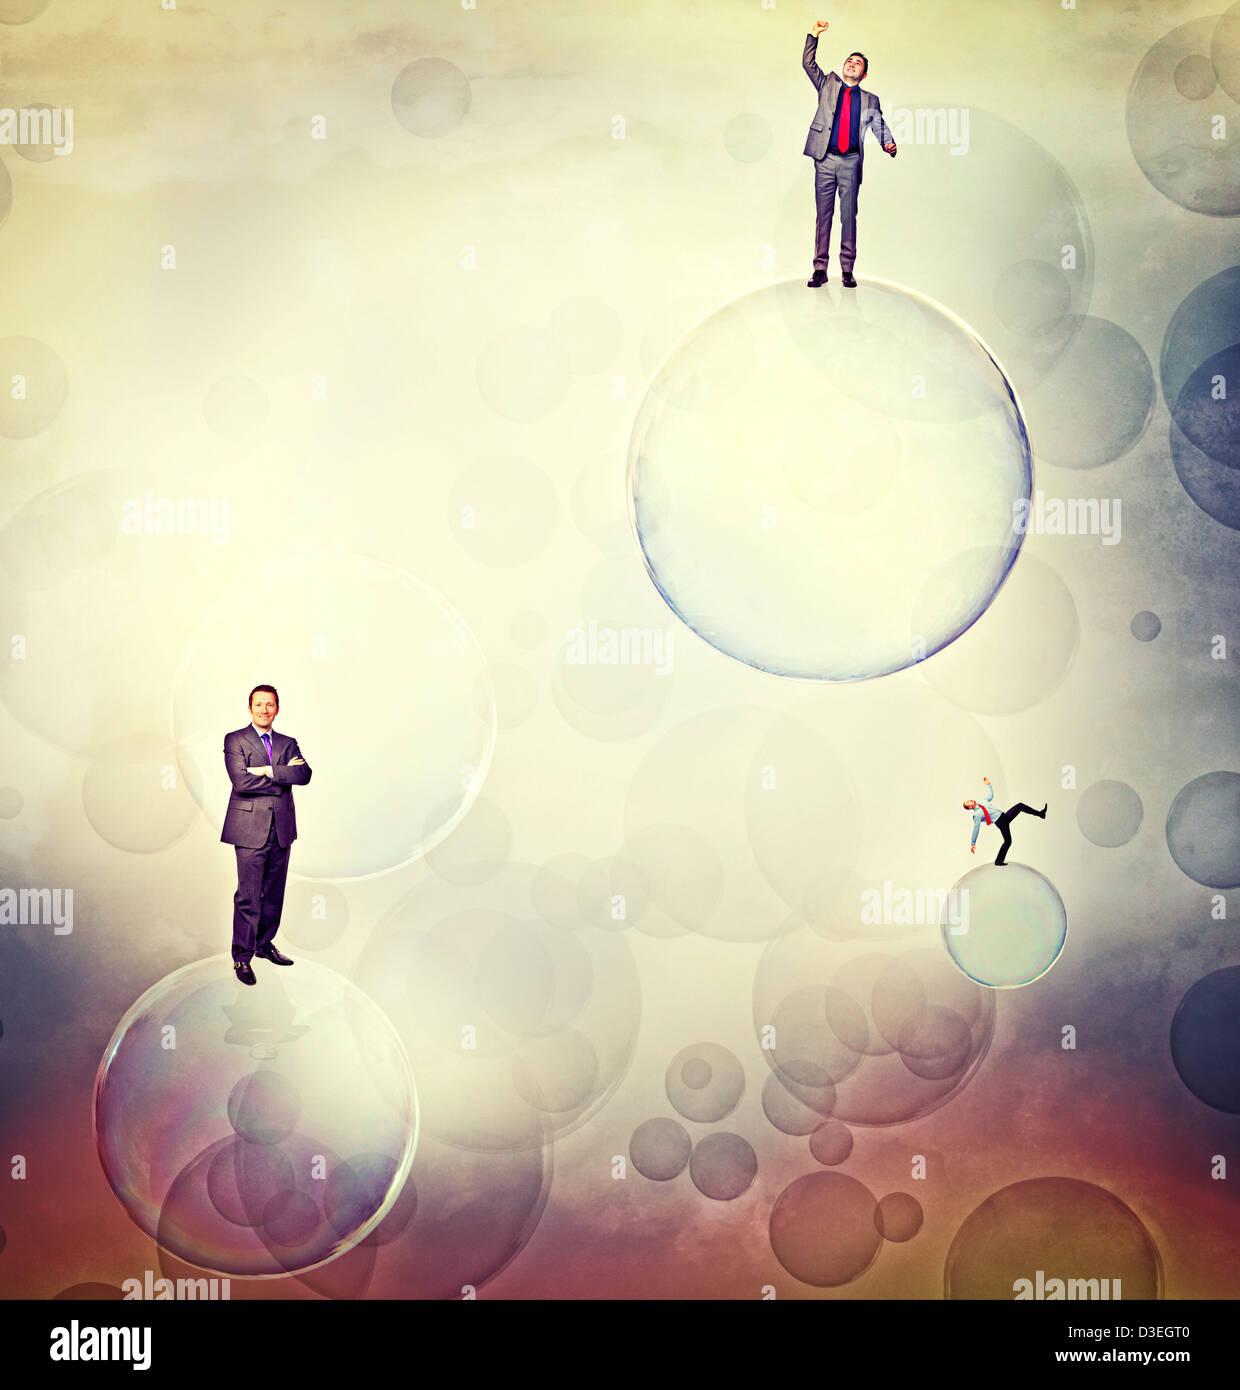 business men on soap 3d bubbles - Stock Image